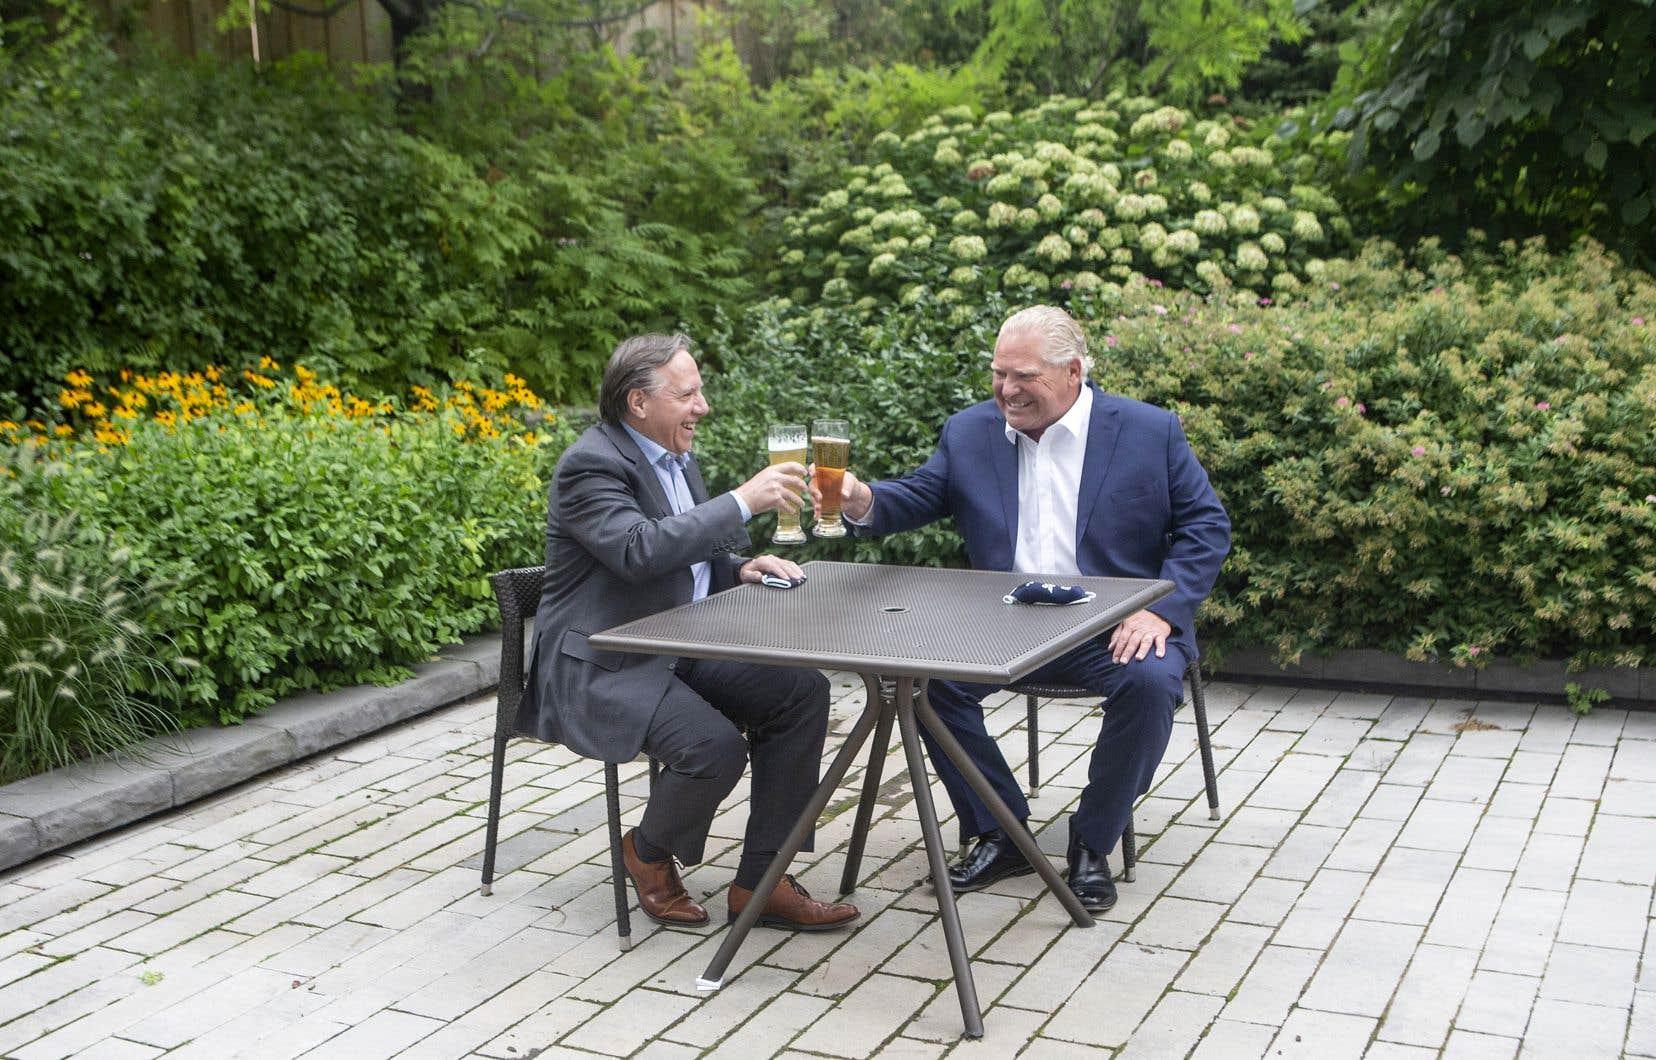 Les premiers ministres du Québec et de l'Ontario, François Legault et Doug Ford, trinquent à une distance que certains ont jugé non réglementaire.